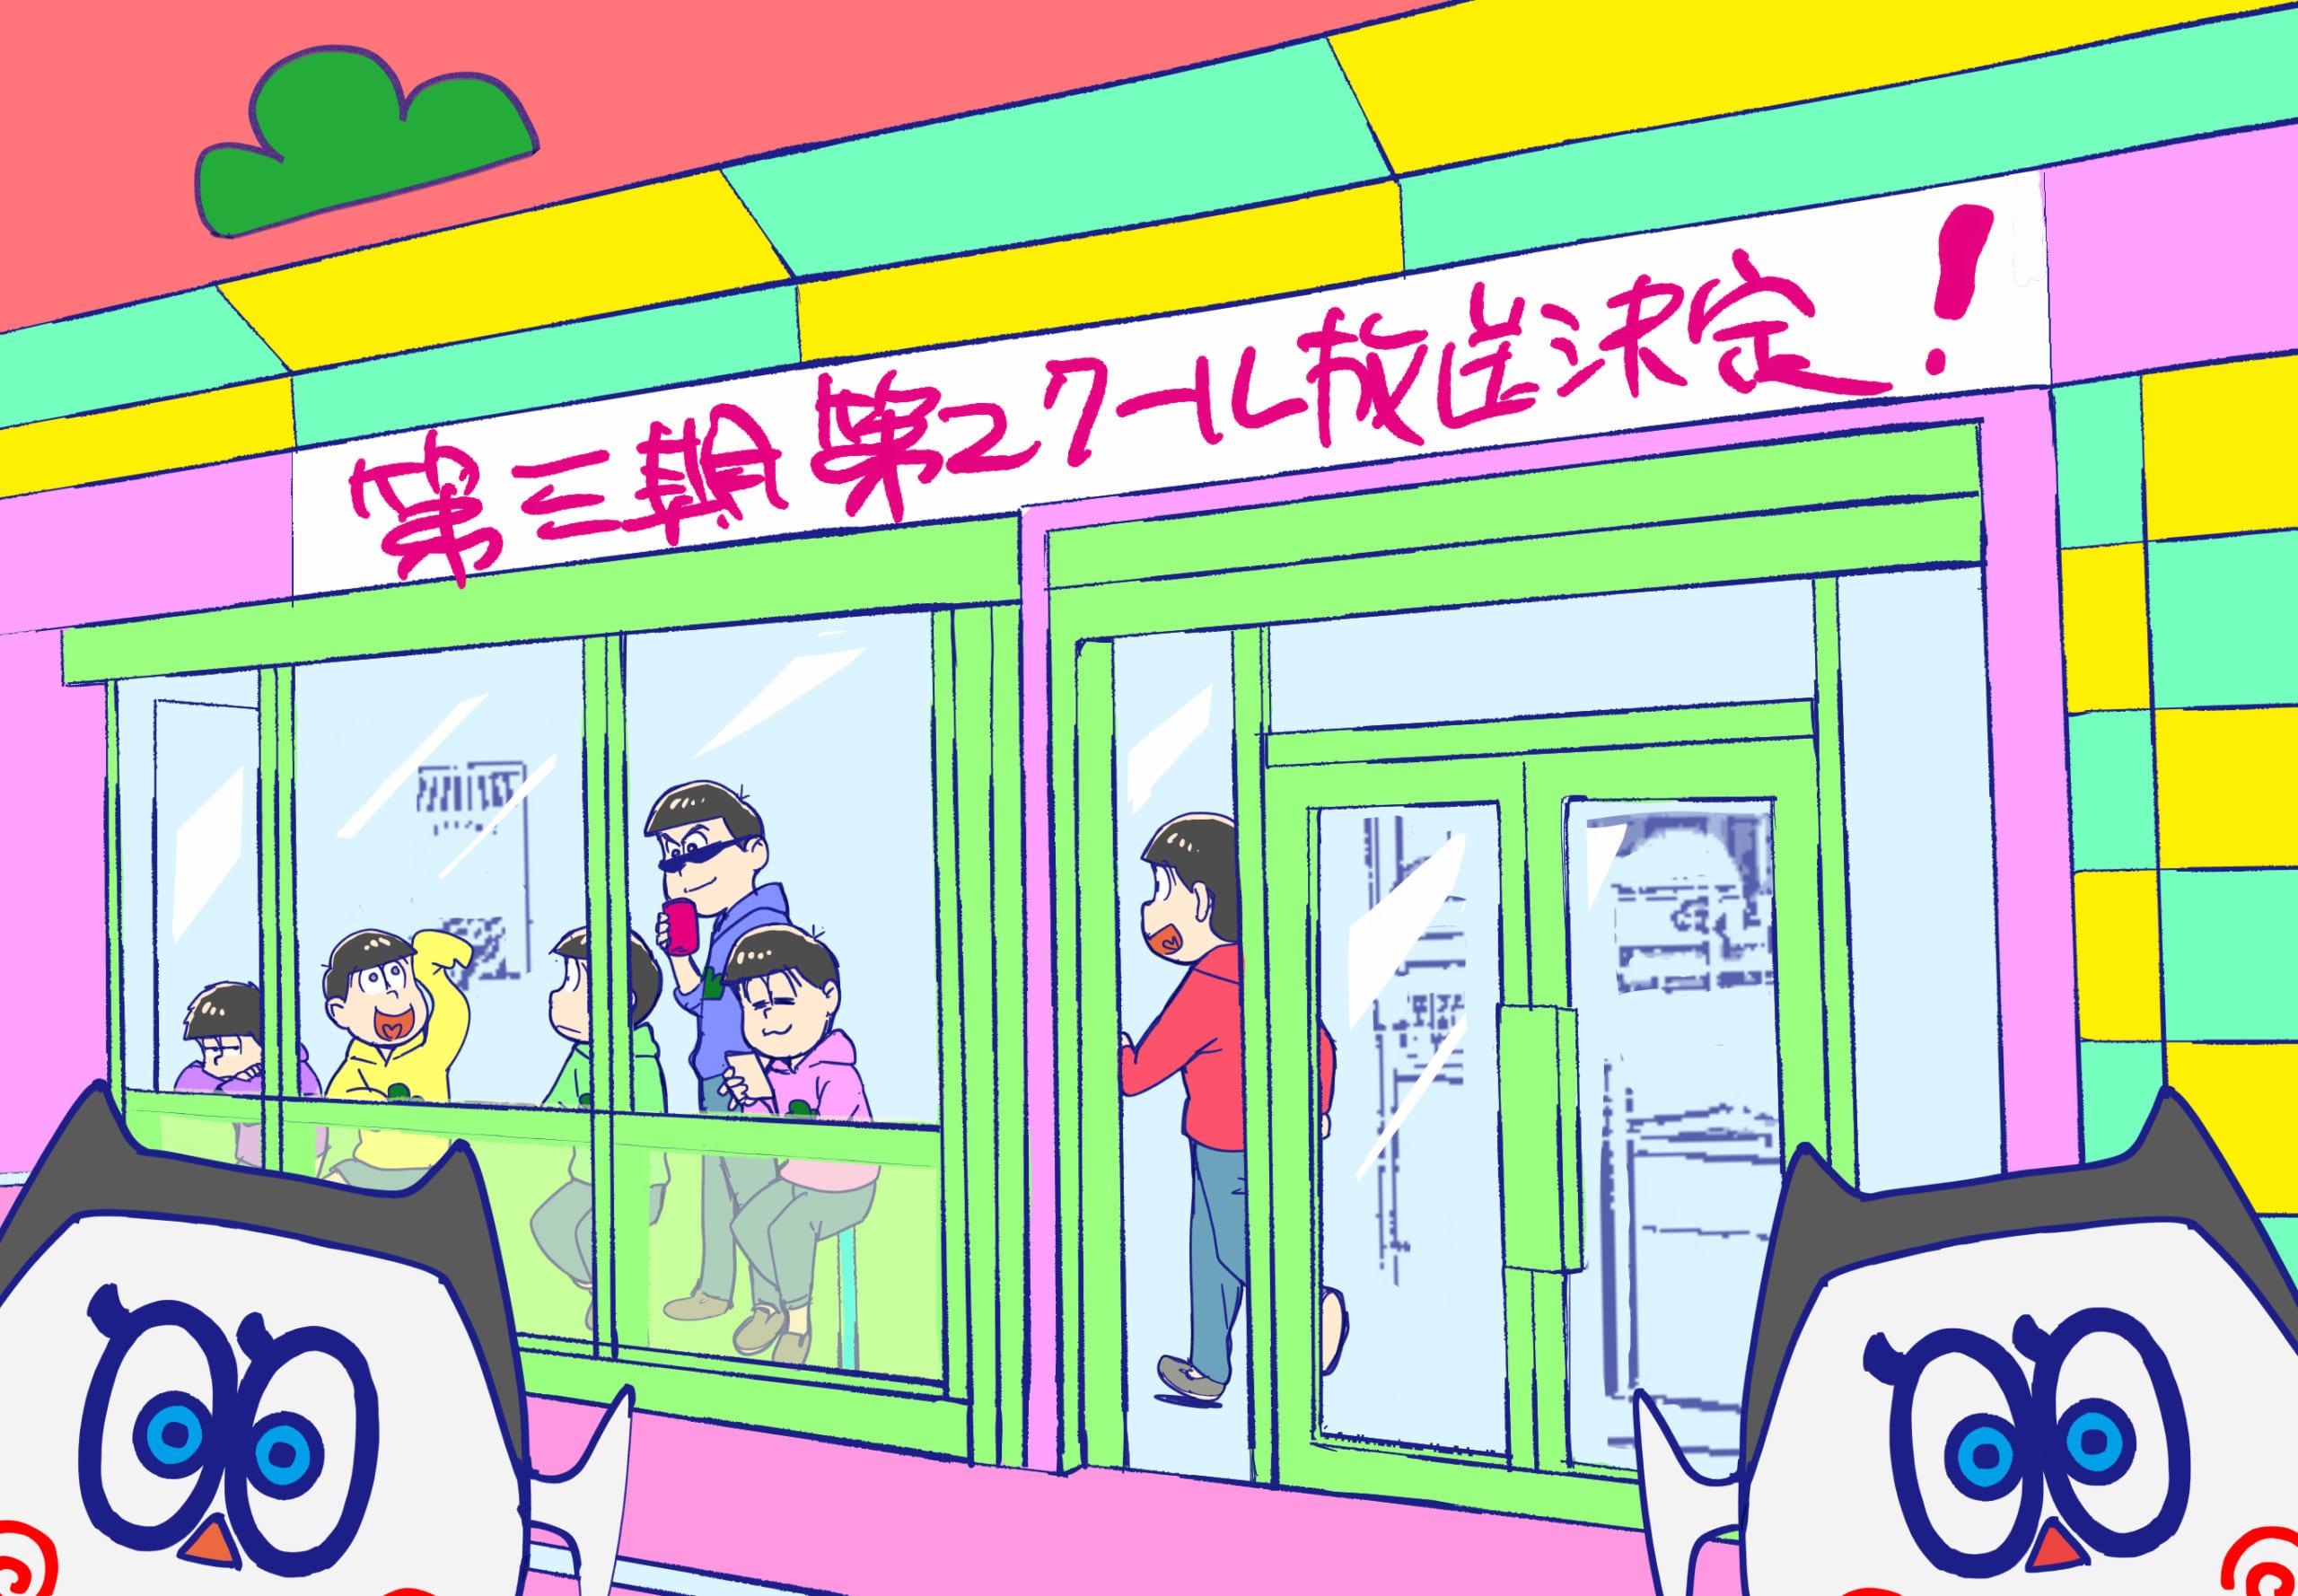 「おそ松さん」第3期第2クールが2021年1月より放送!6つ子がコンビニで談笑する描きおろしビジュアルが到着